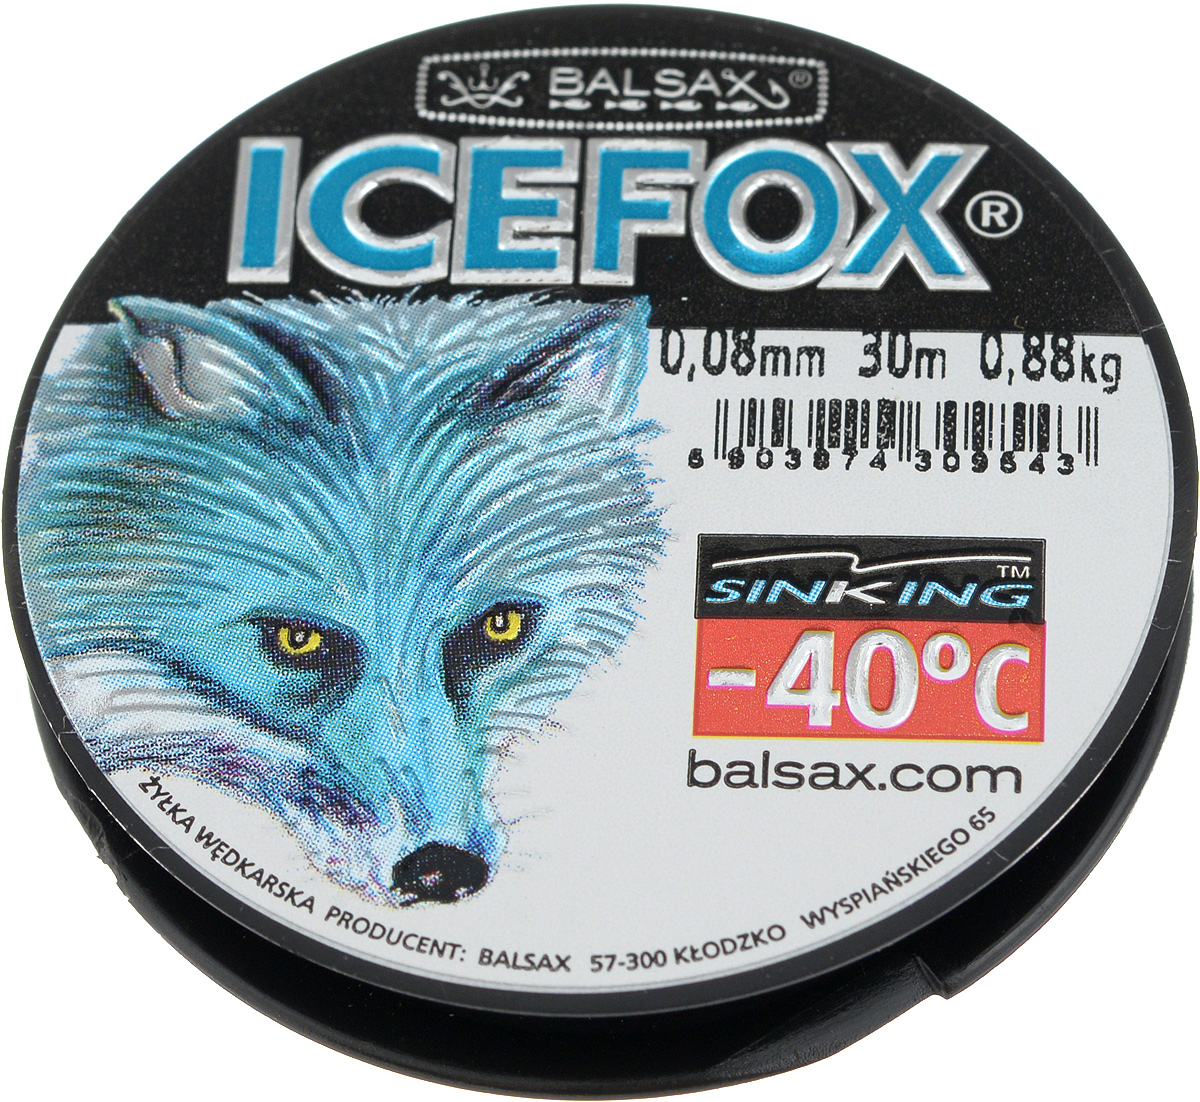 Леска зимняя Balsax Ice Fox, 30 м, 0,08 мм, 0,88 кг59278Леска Balsax Ice Fox изготовлена из 100% нейлона и очень хорошо выдерживает низкие температуры. Даже в самом холодном климате, при температуре вплоть до -40°C, она сохраняет свои свойства практически без изменений, в то время как традиционные лески становятся менее эластичными и теряют прочность.Поверхность лески обработана таким образом, что она не обмерзает и отлично подходит для подледного лова. Прочна в местах вязки узлов даже при минимальном диаметре.